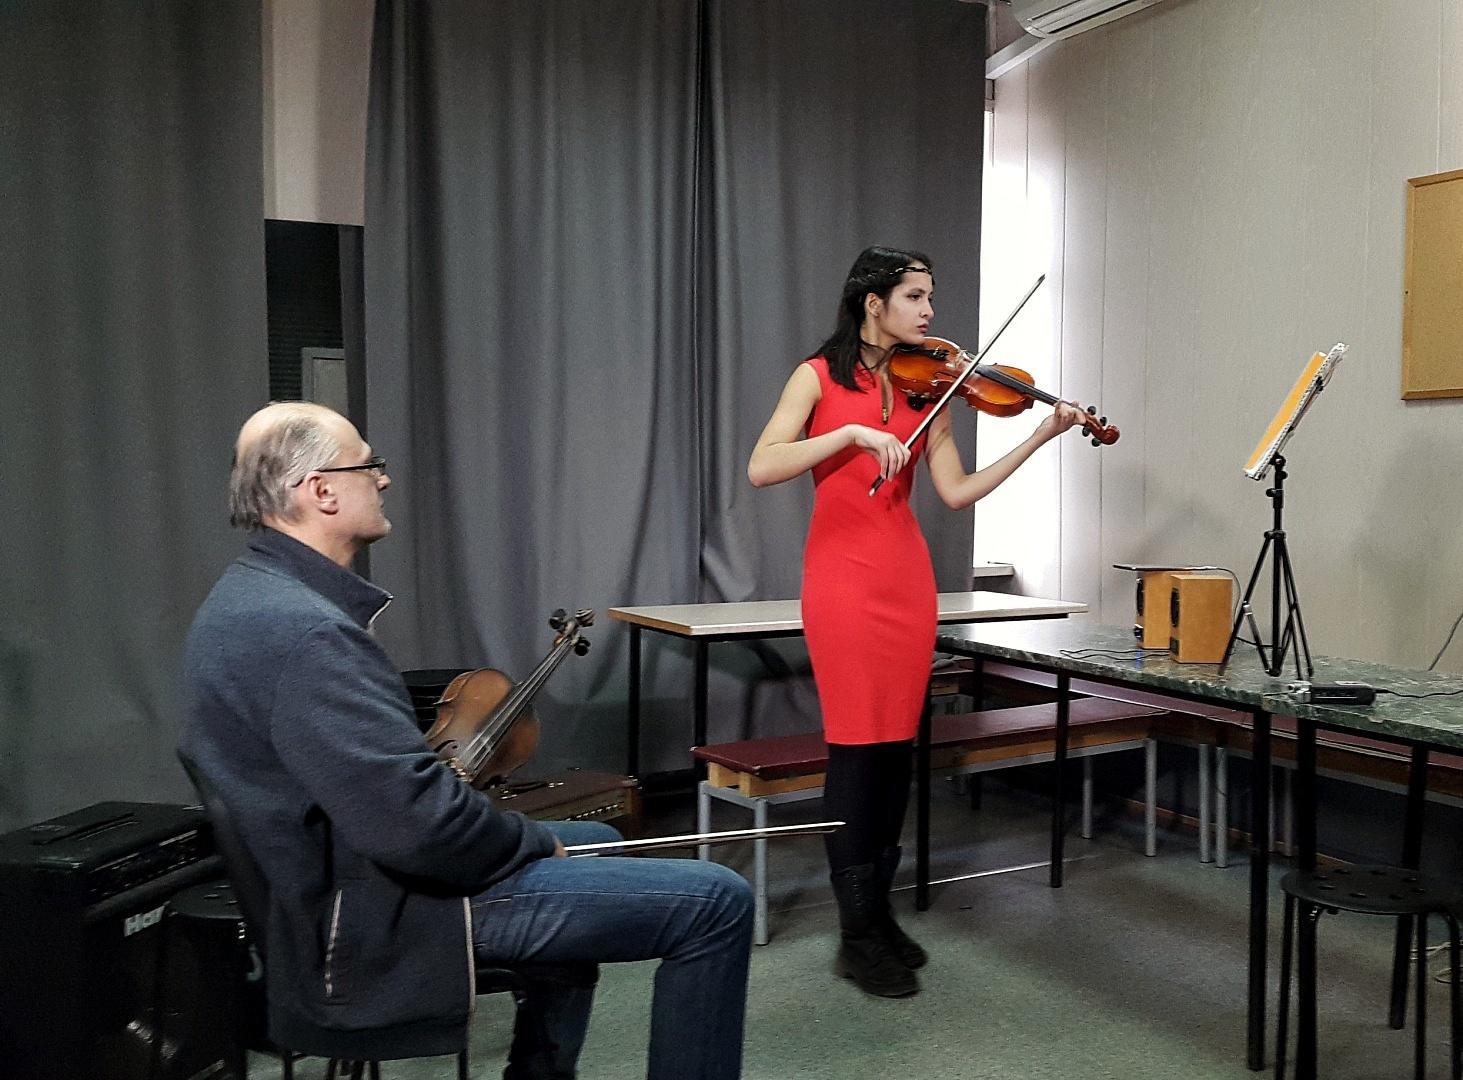 Обучение игре на скрипке для взрослых